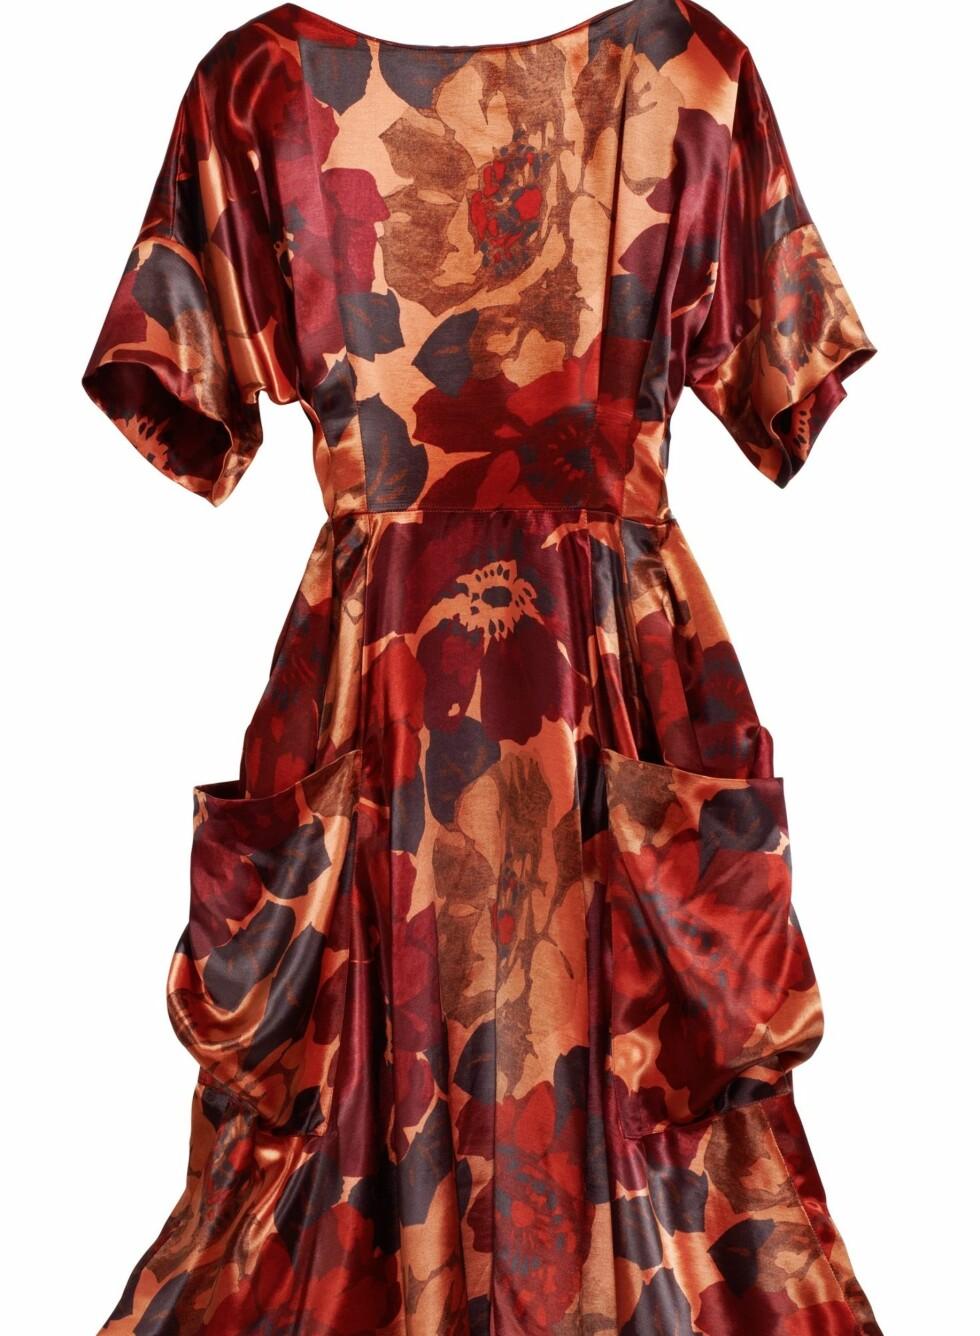 Lang kjole med store lommer og korte, løse ermer. Det store mønsteret i tone av rødt, burgunder, rust og oransje varmer på kalde høstdager, kr 599. Foto: Produsenten